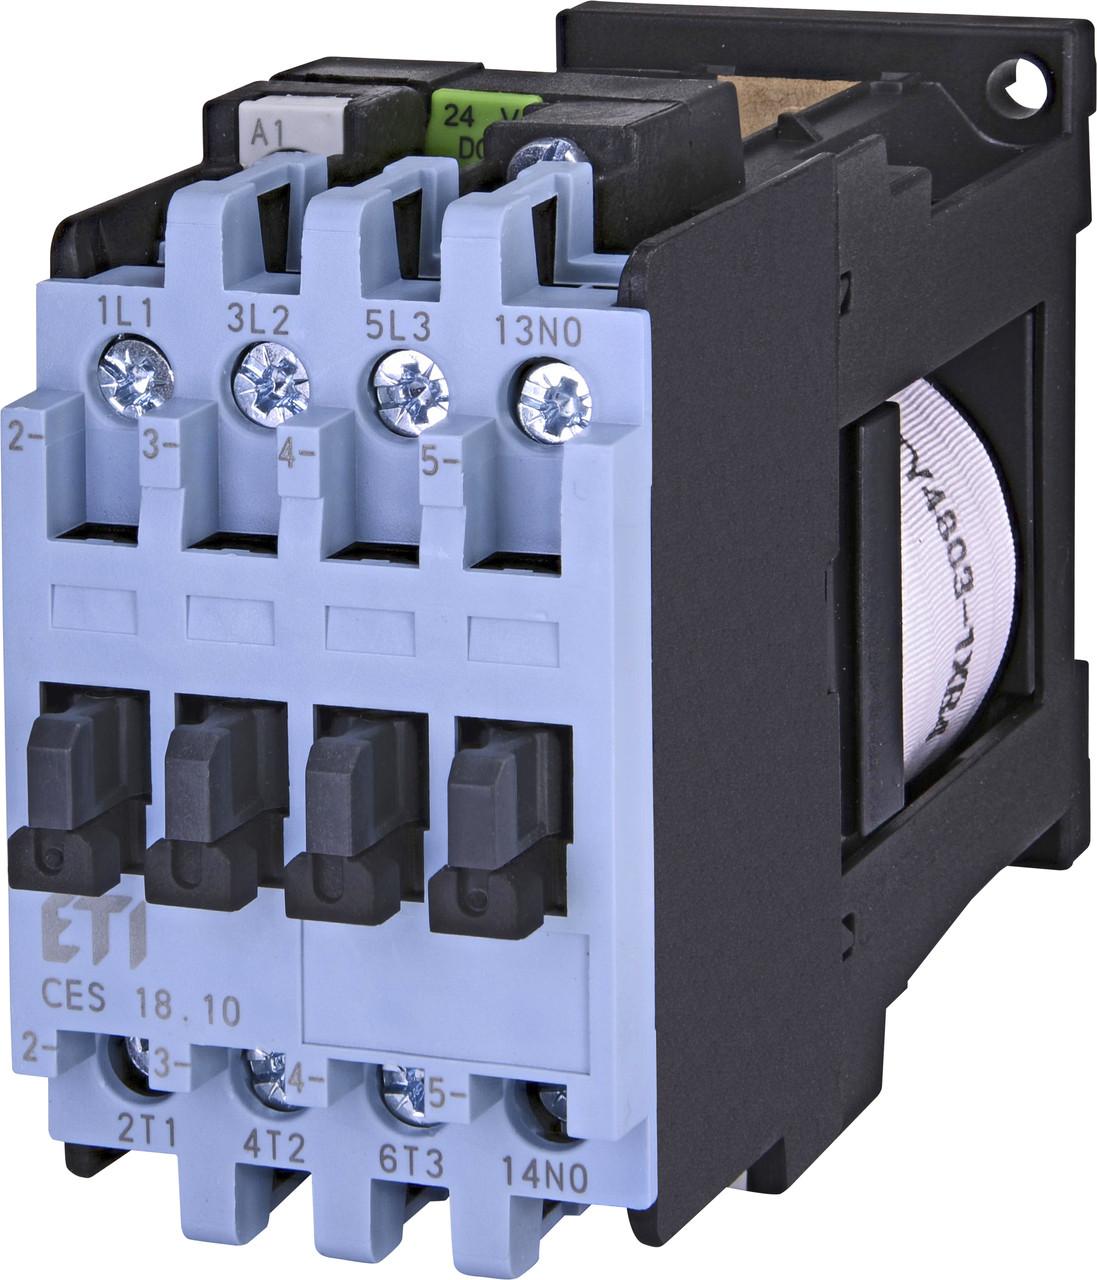 Контактор силовой ETI CES 18.10 18А 24V DC 3NO+1NO 7.5kW 4646535 (на DIN-рейку, 25A AC1, 18A AC3)